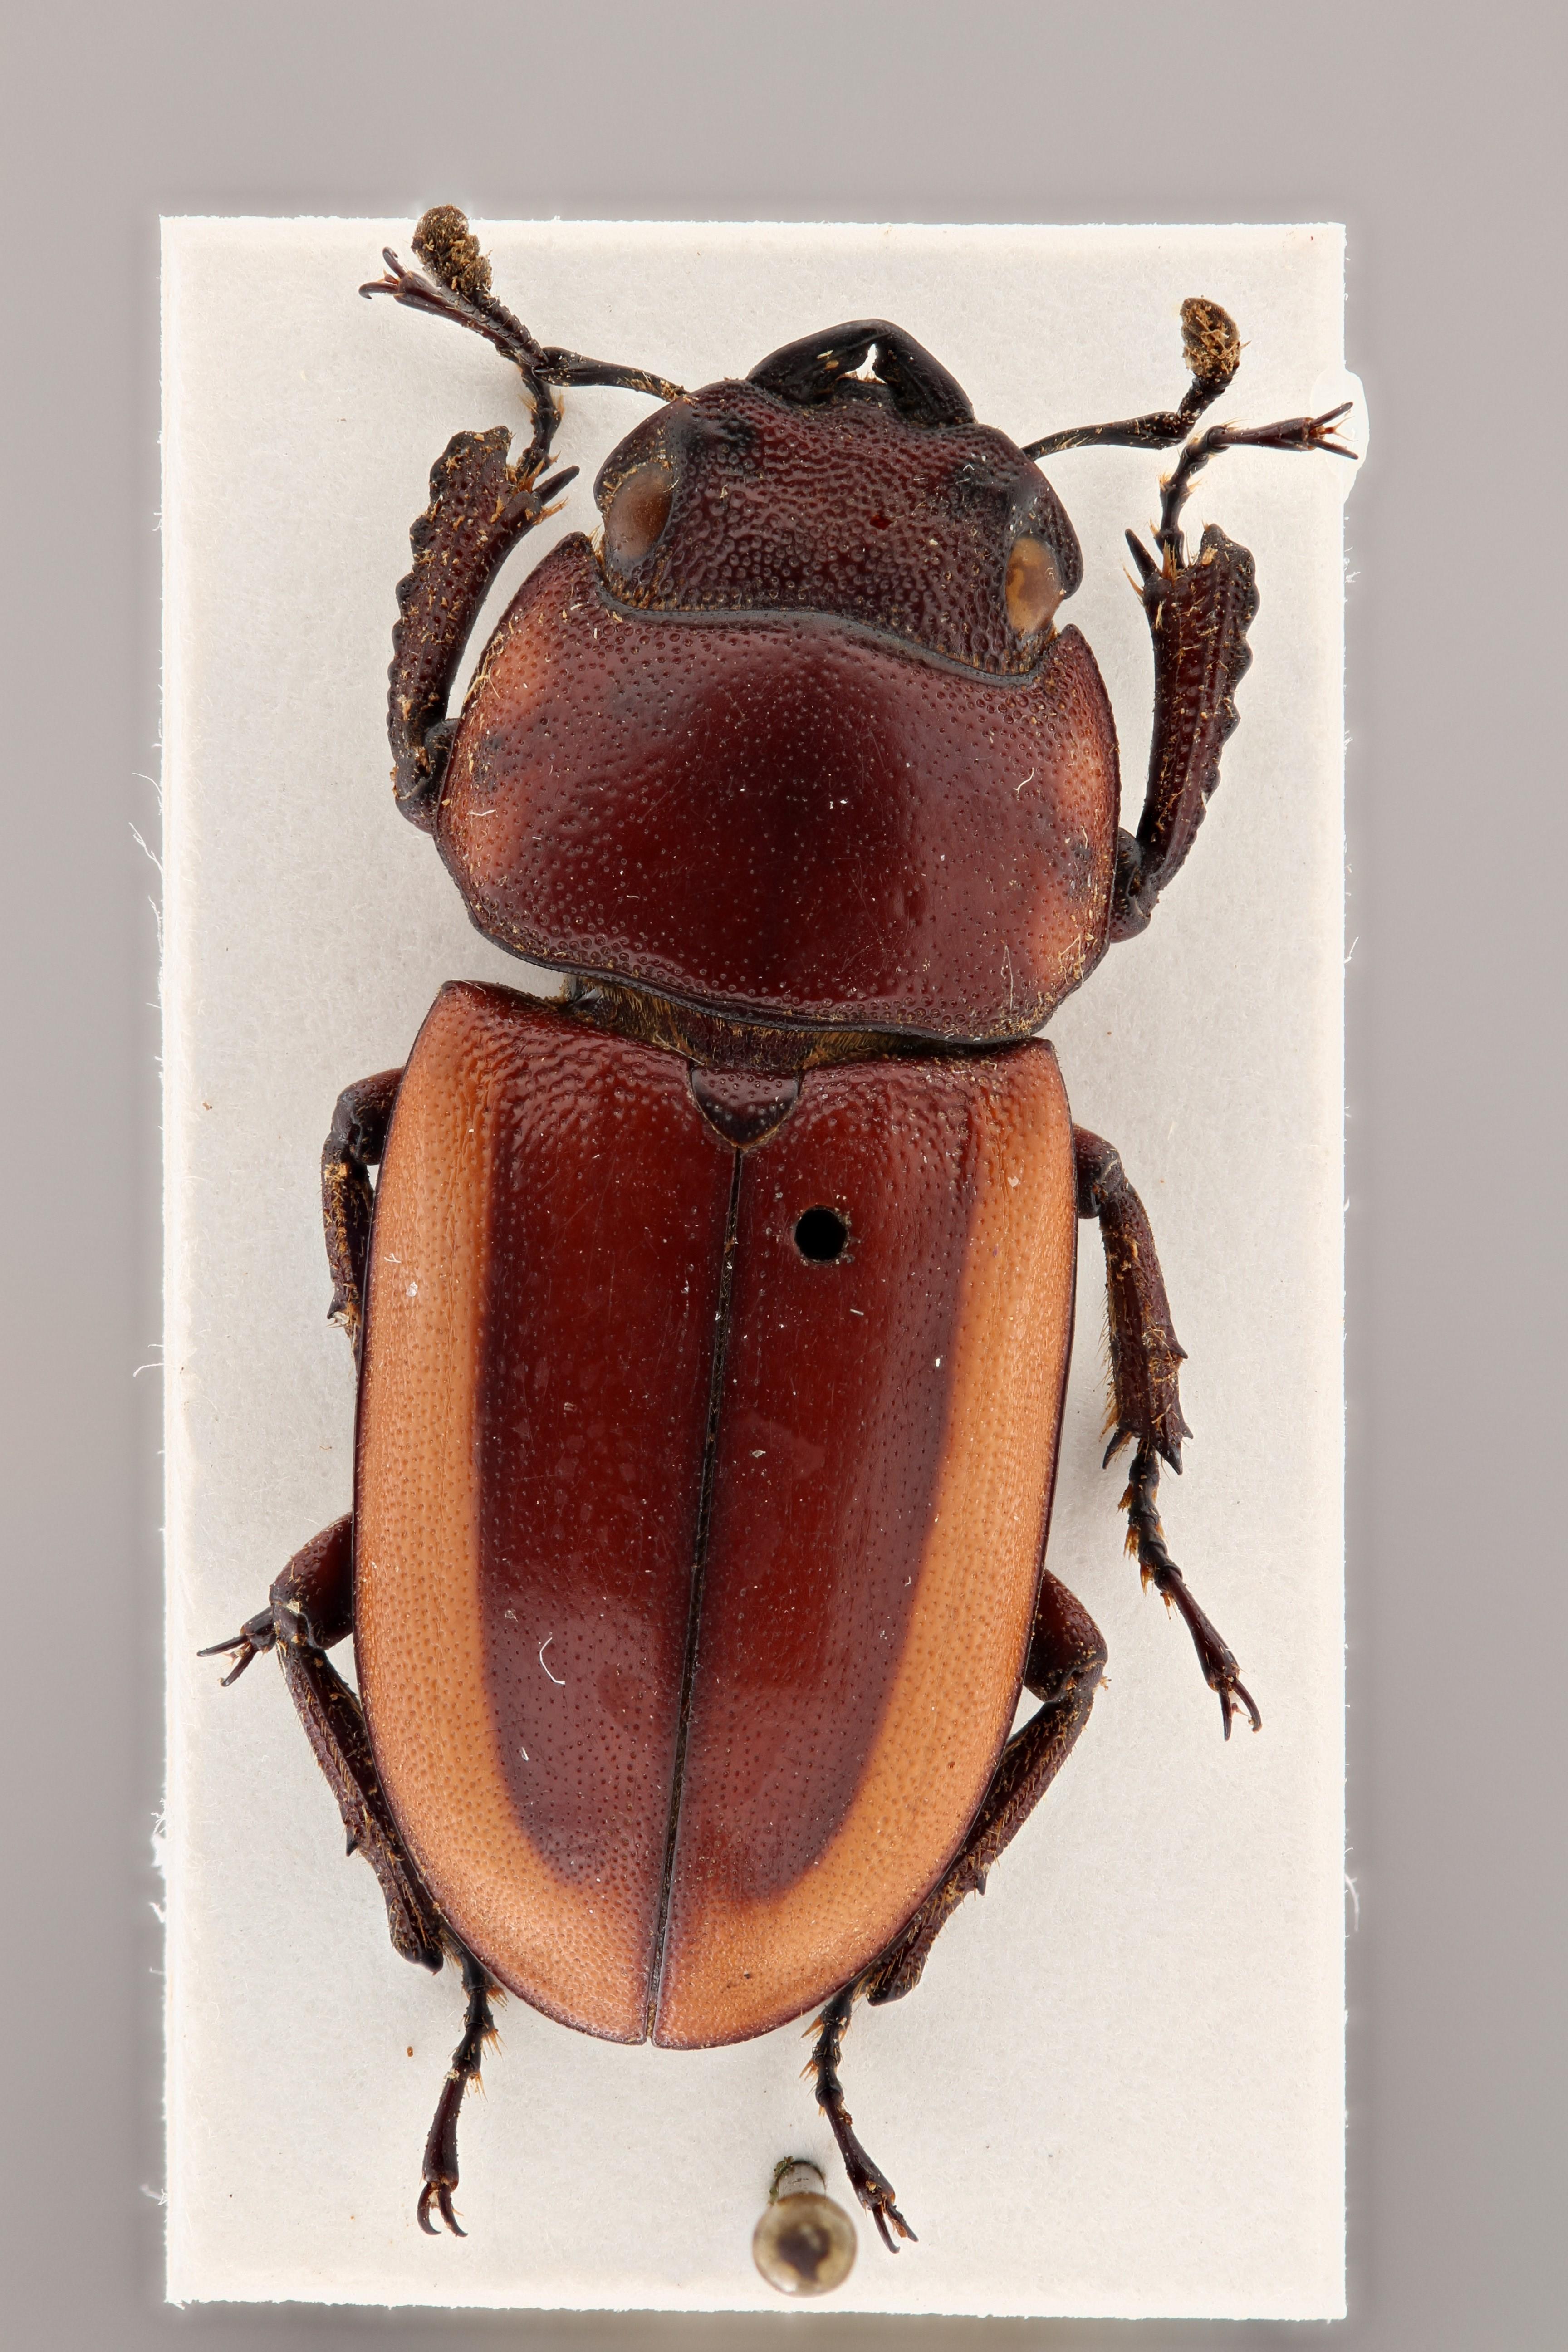 Prosopocoelus lorquini fulva ht D ZS PMax.jpg